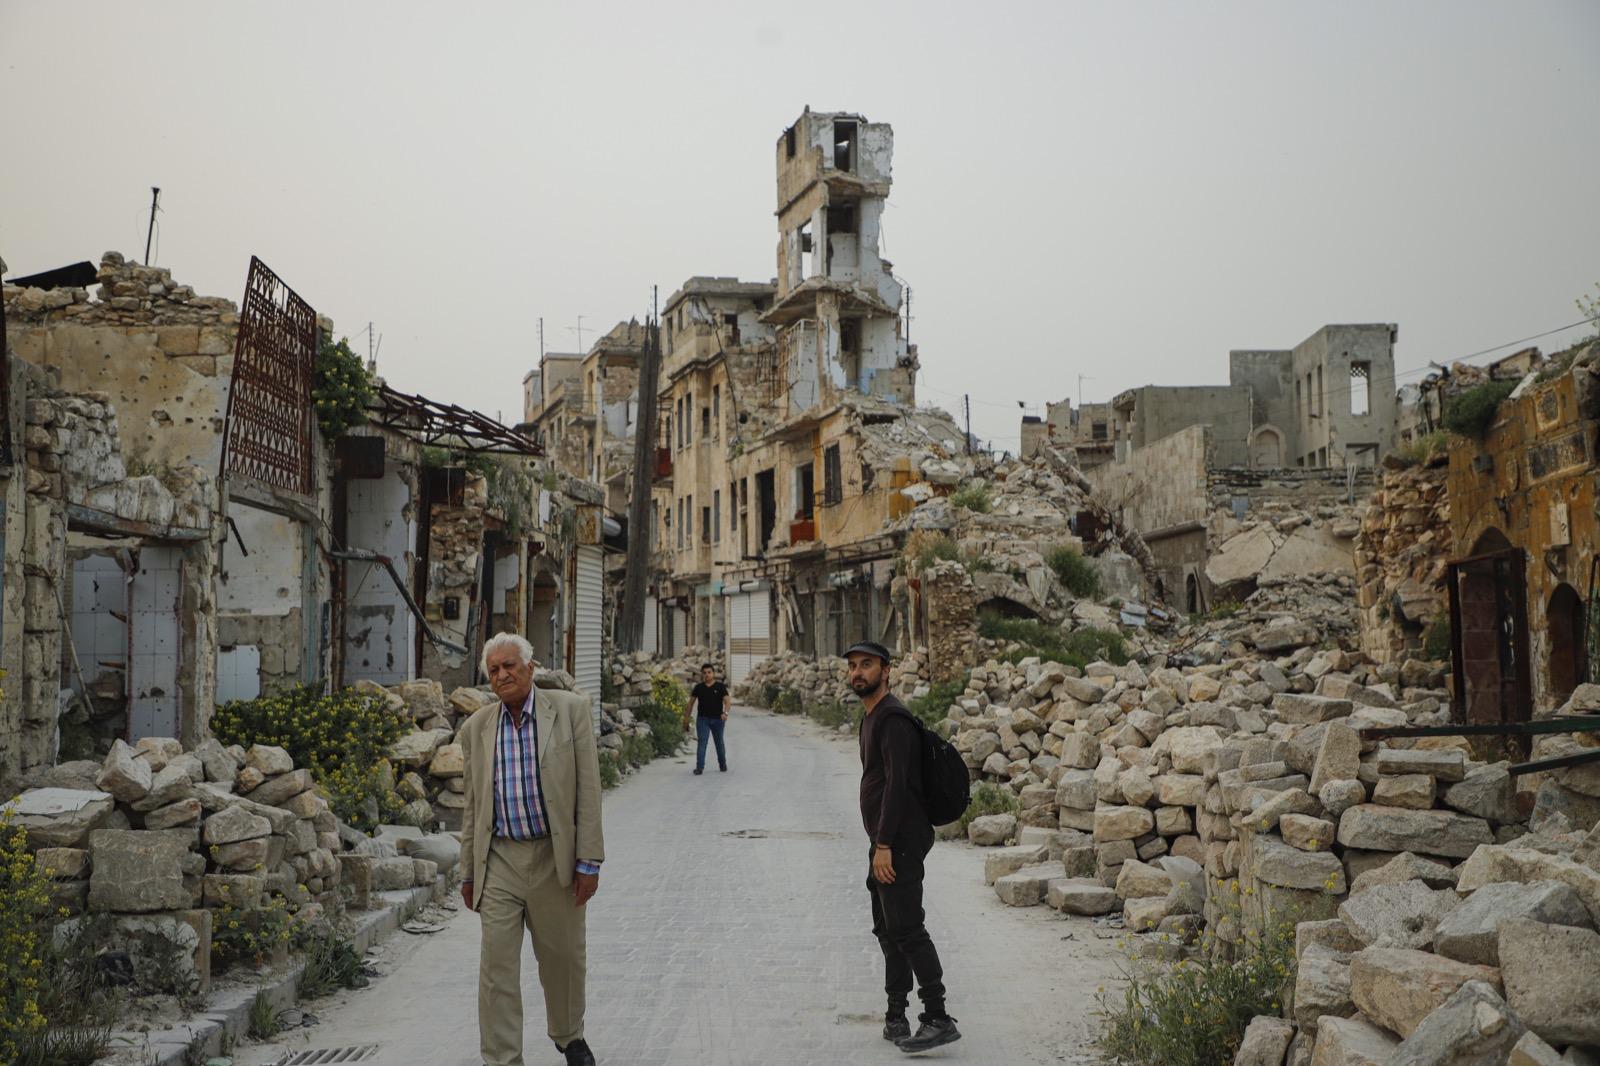 Ο Αλέξανδρος Τσούτης έχει ταξιδέψει σχεδόν σε όλο τον μη δυτικό πολιτισμό και μοιράζεται τις εμπειρίες του